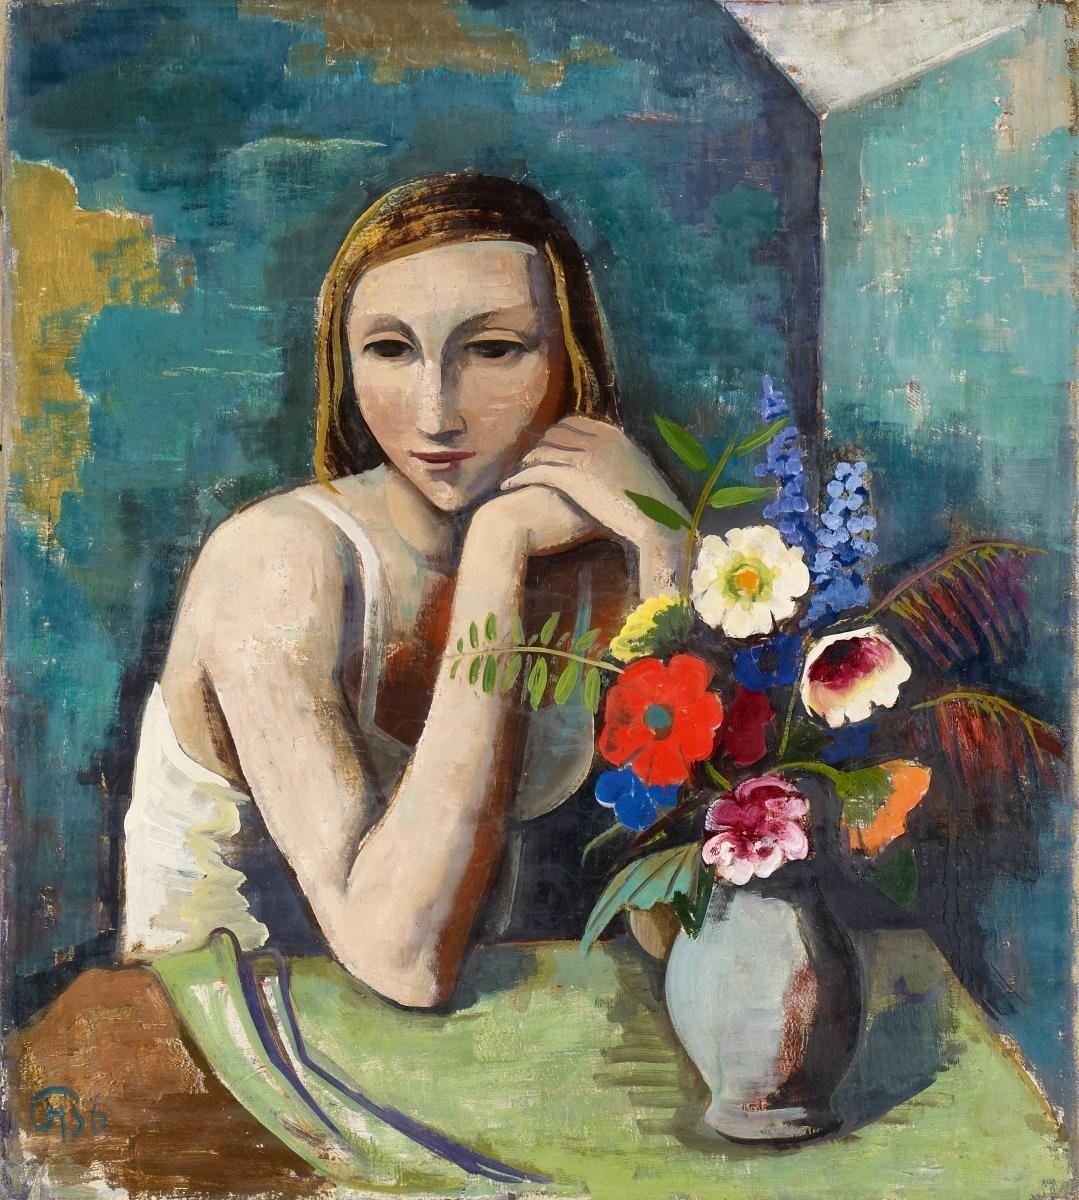 Karl Hofer (German, 1878-1955), Girl with Flowers, 1936.